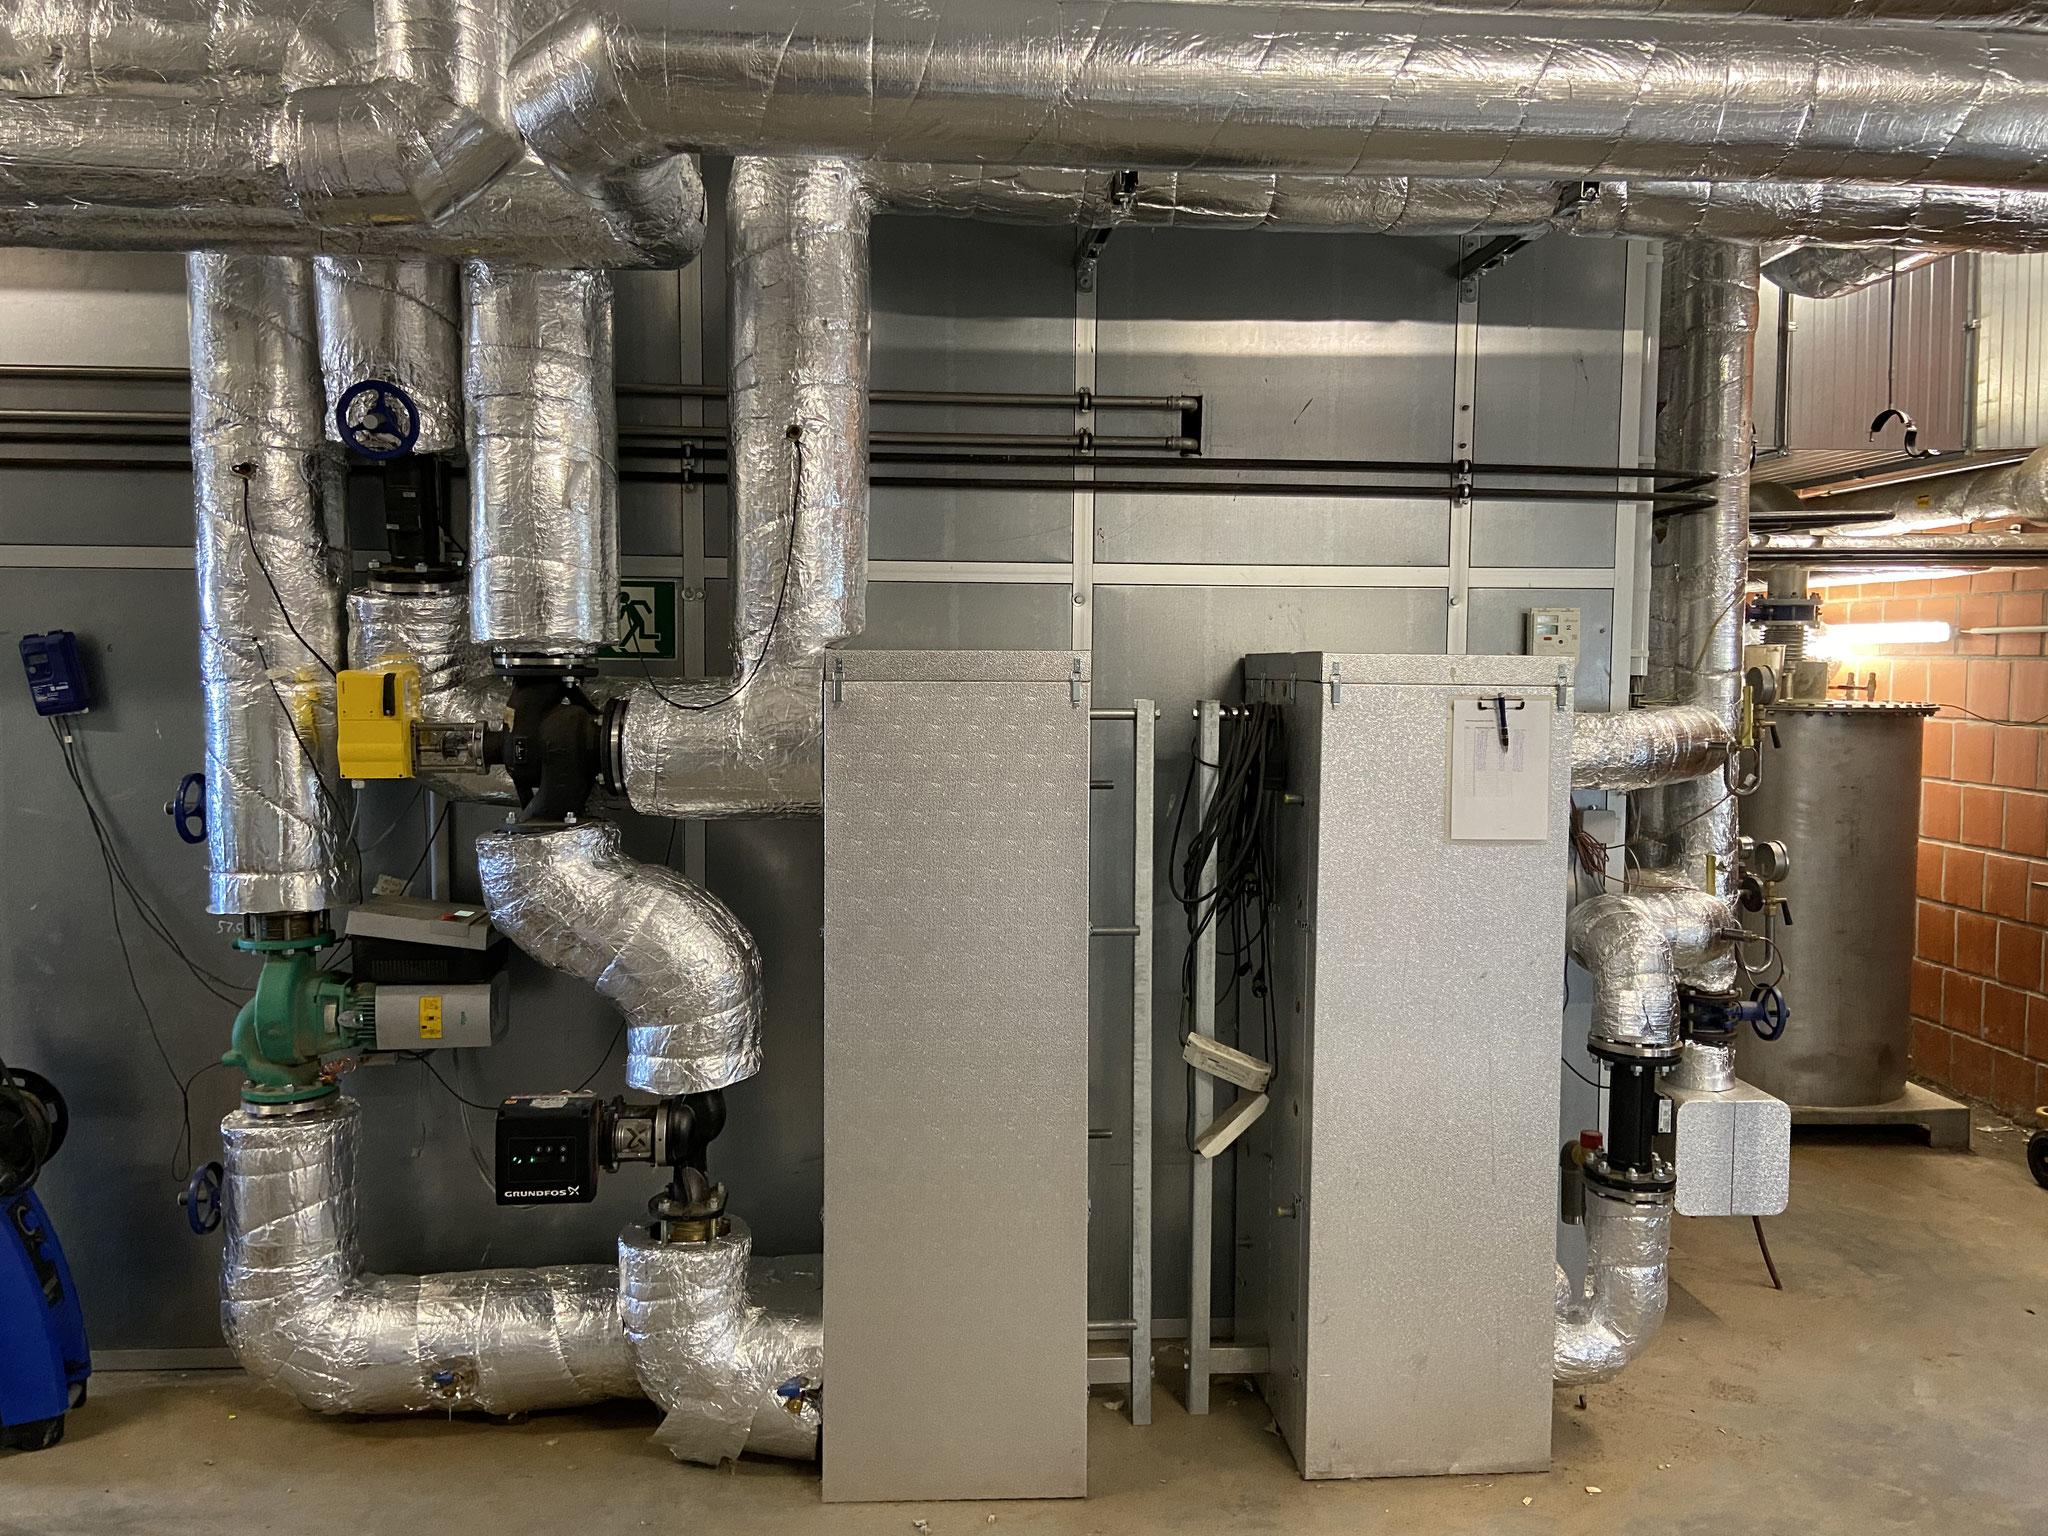 Wärmetauscher zur Sicherheit und Abtrennung der Wärmeerzeuger